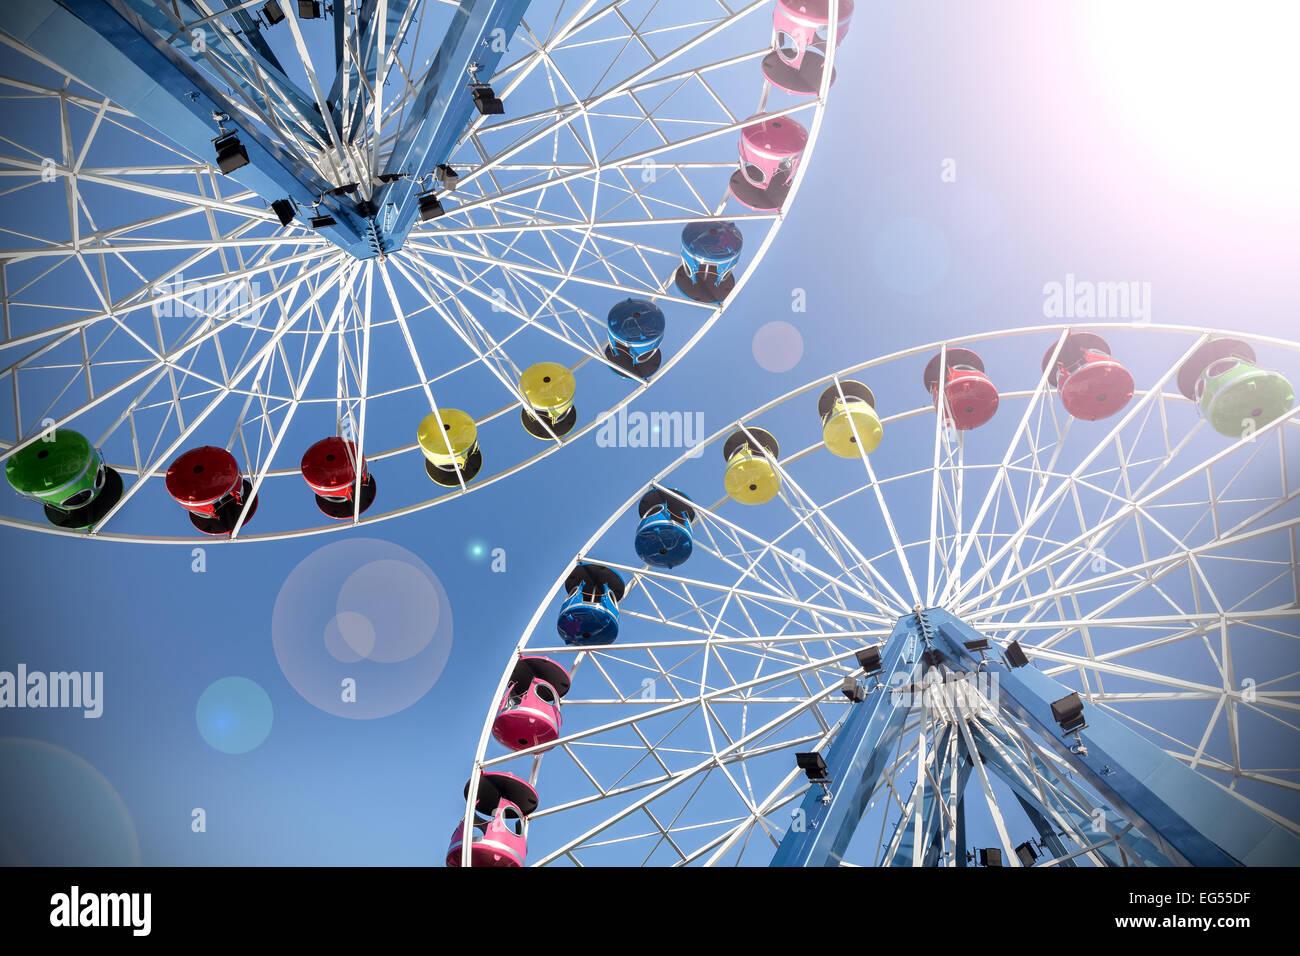 Retro-gefilterte Bild der Riesenräder mit Objektiv flare. Stockbild